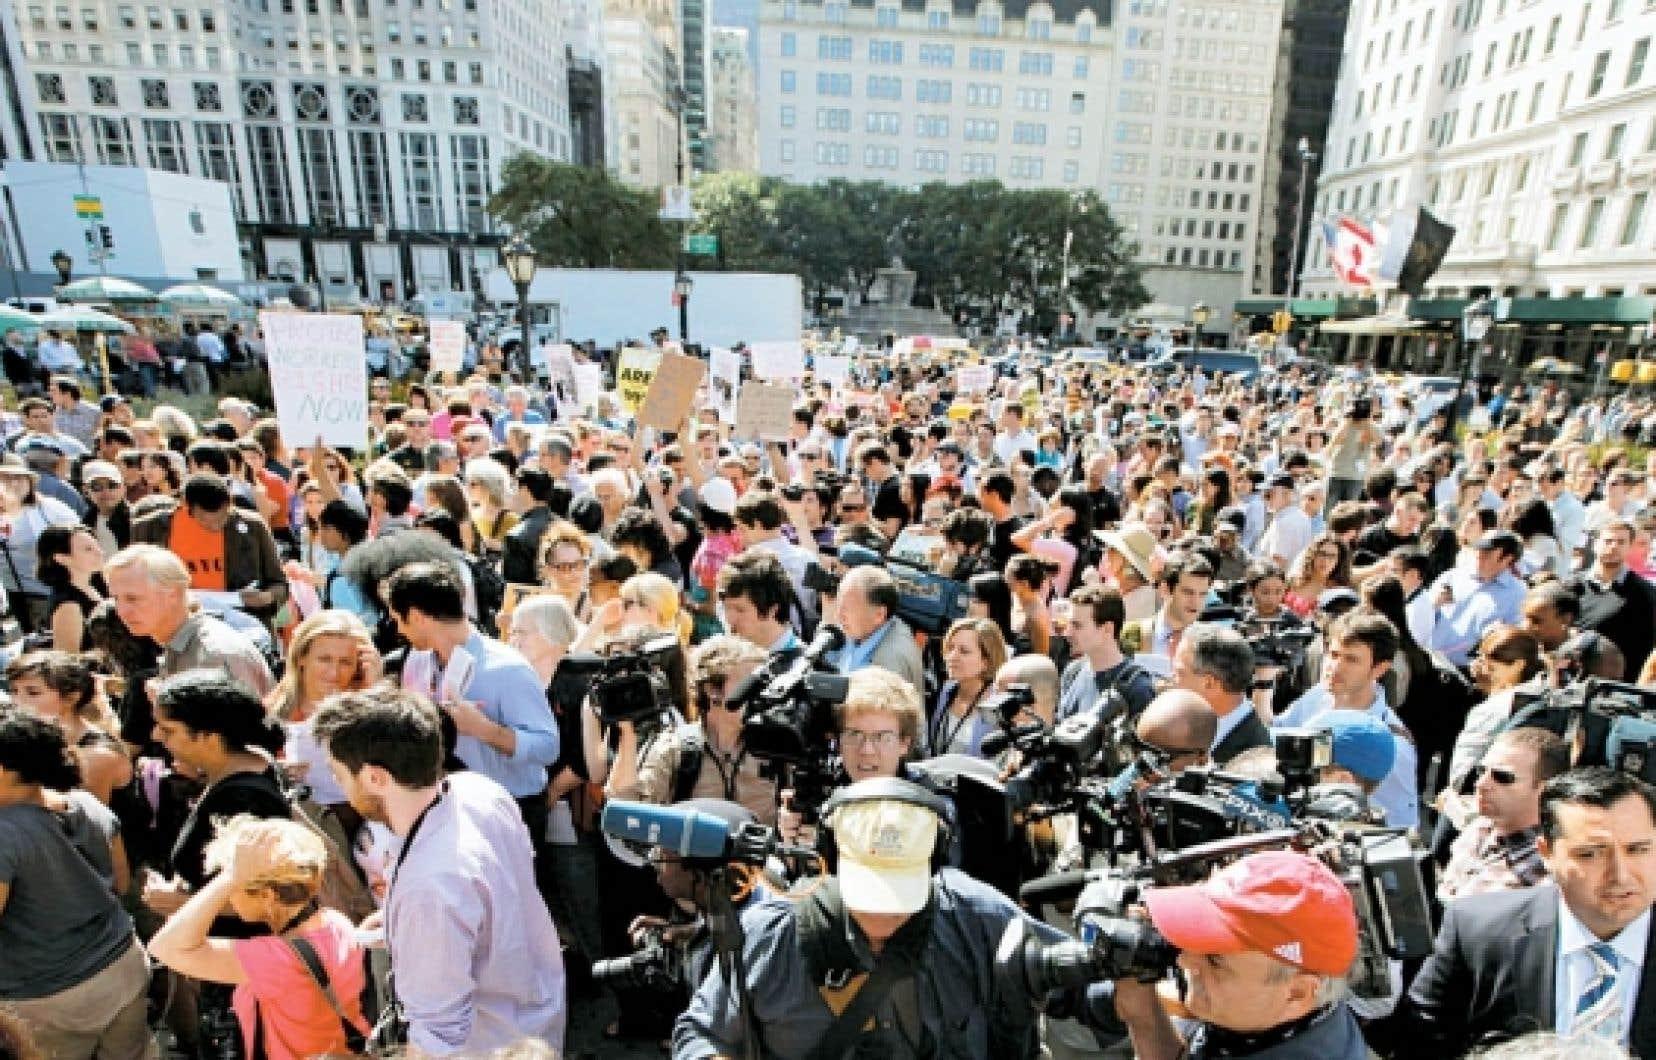 Les indignés de Wall Street dans la 5e avenue à New York, cette semaine, un mouvement qui prend de l'ampleur en Amérique du Nord et qui traduit le ras-le-bol généralisé devant les dérives du capitalisme. Le germe d'une révolution?